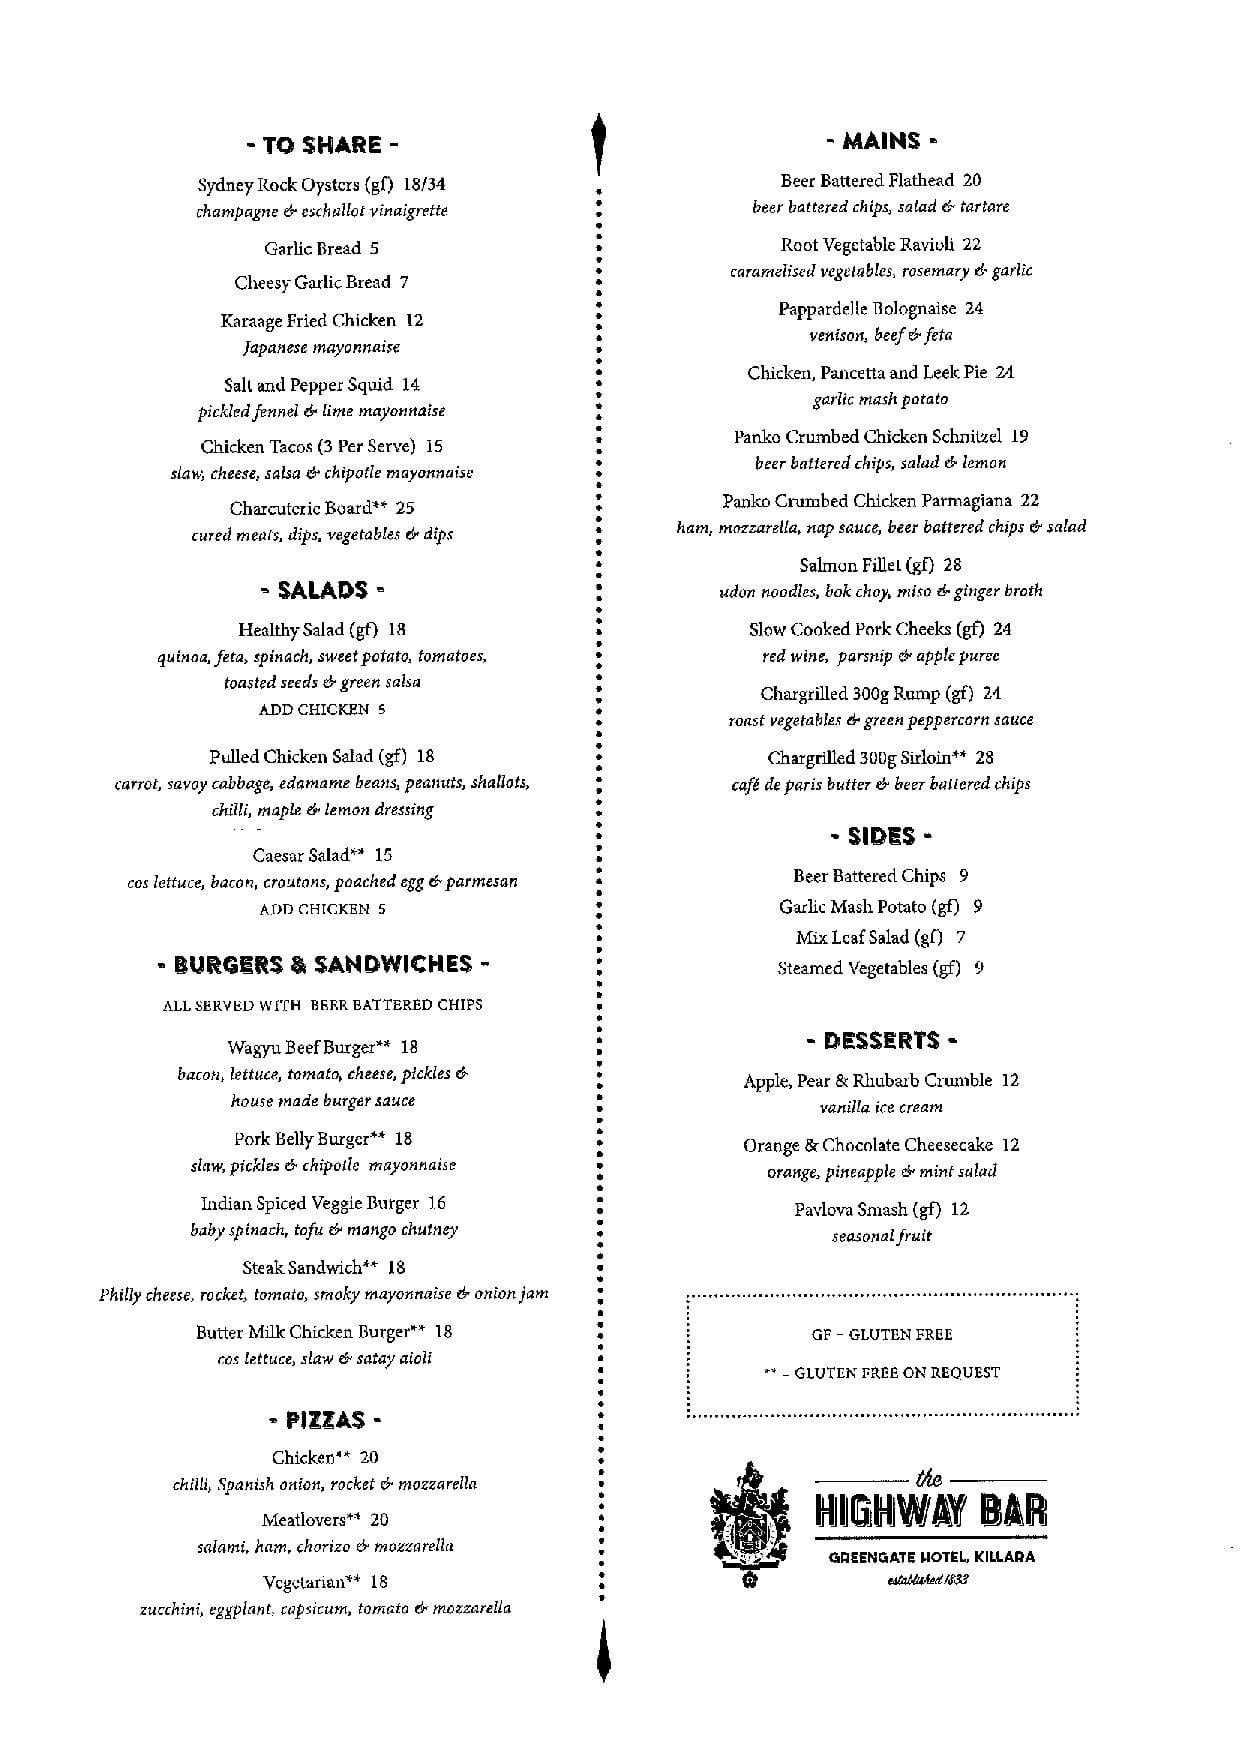 greengate hotel menu